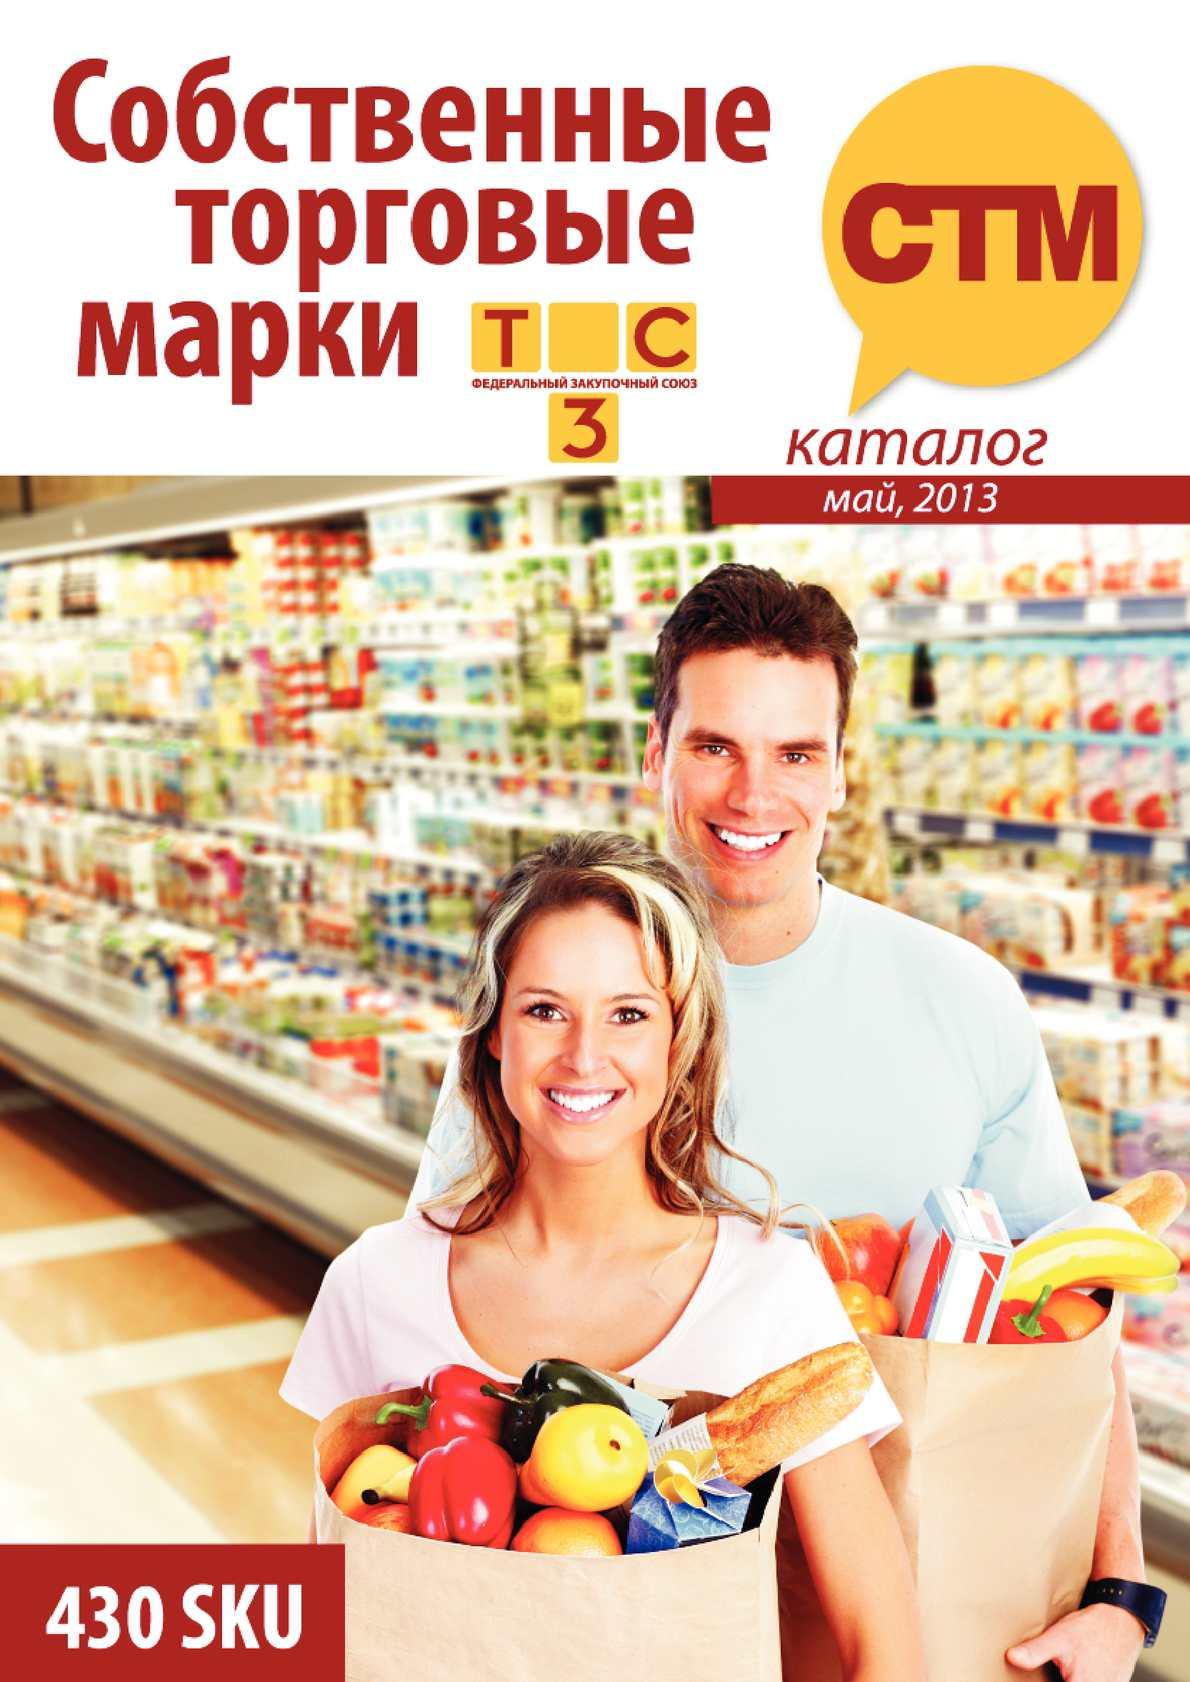 Каталог товаров под Собственными торговыми марками. Выпуск восьмой